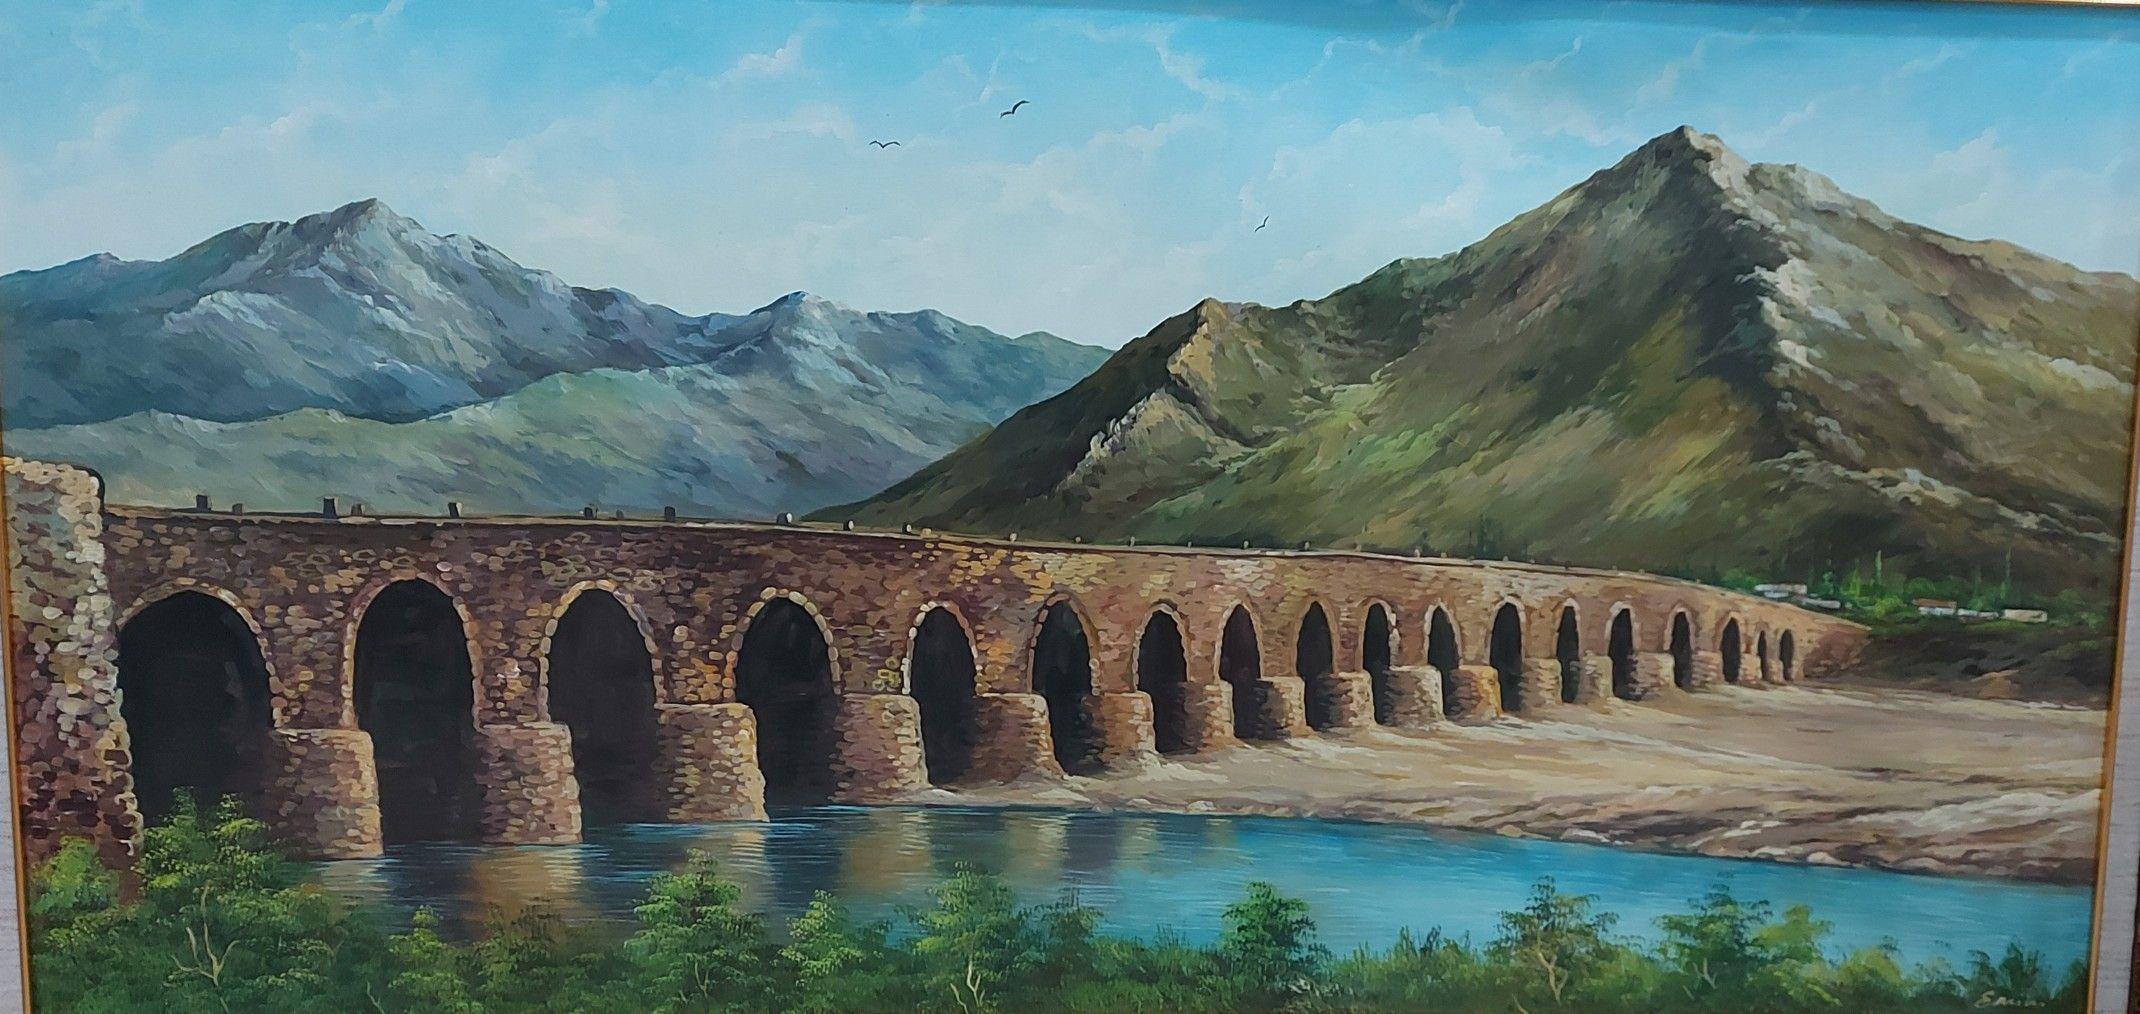 Pin By Roya Avazova On Kardeslik Structures Azerbaijan